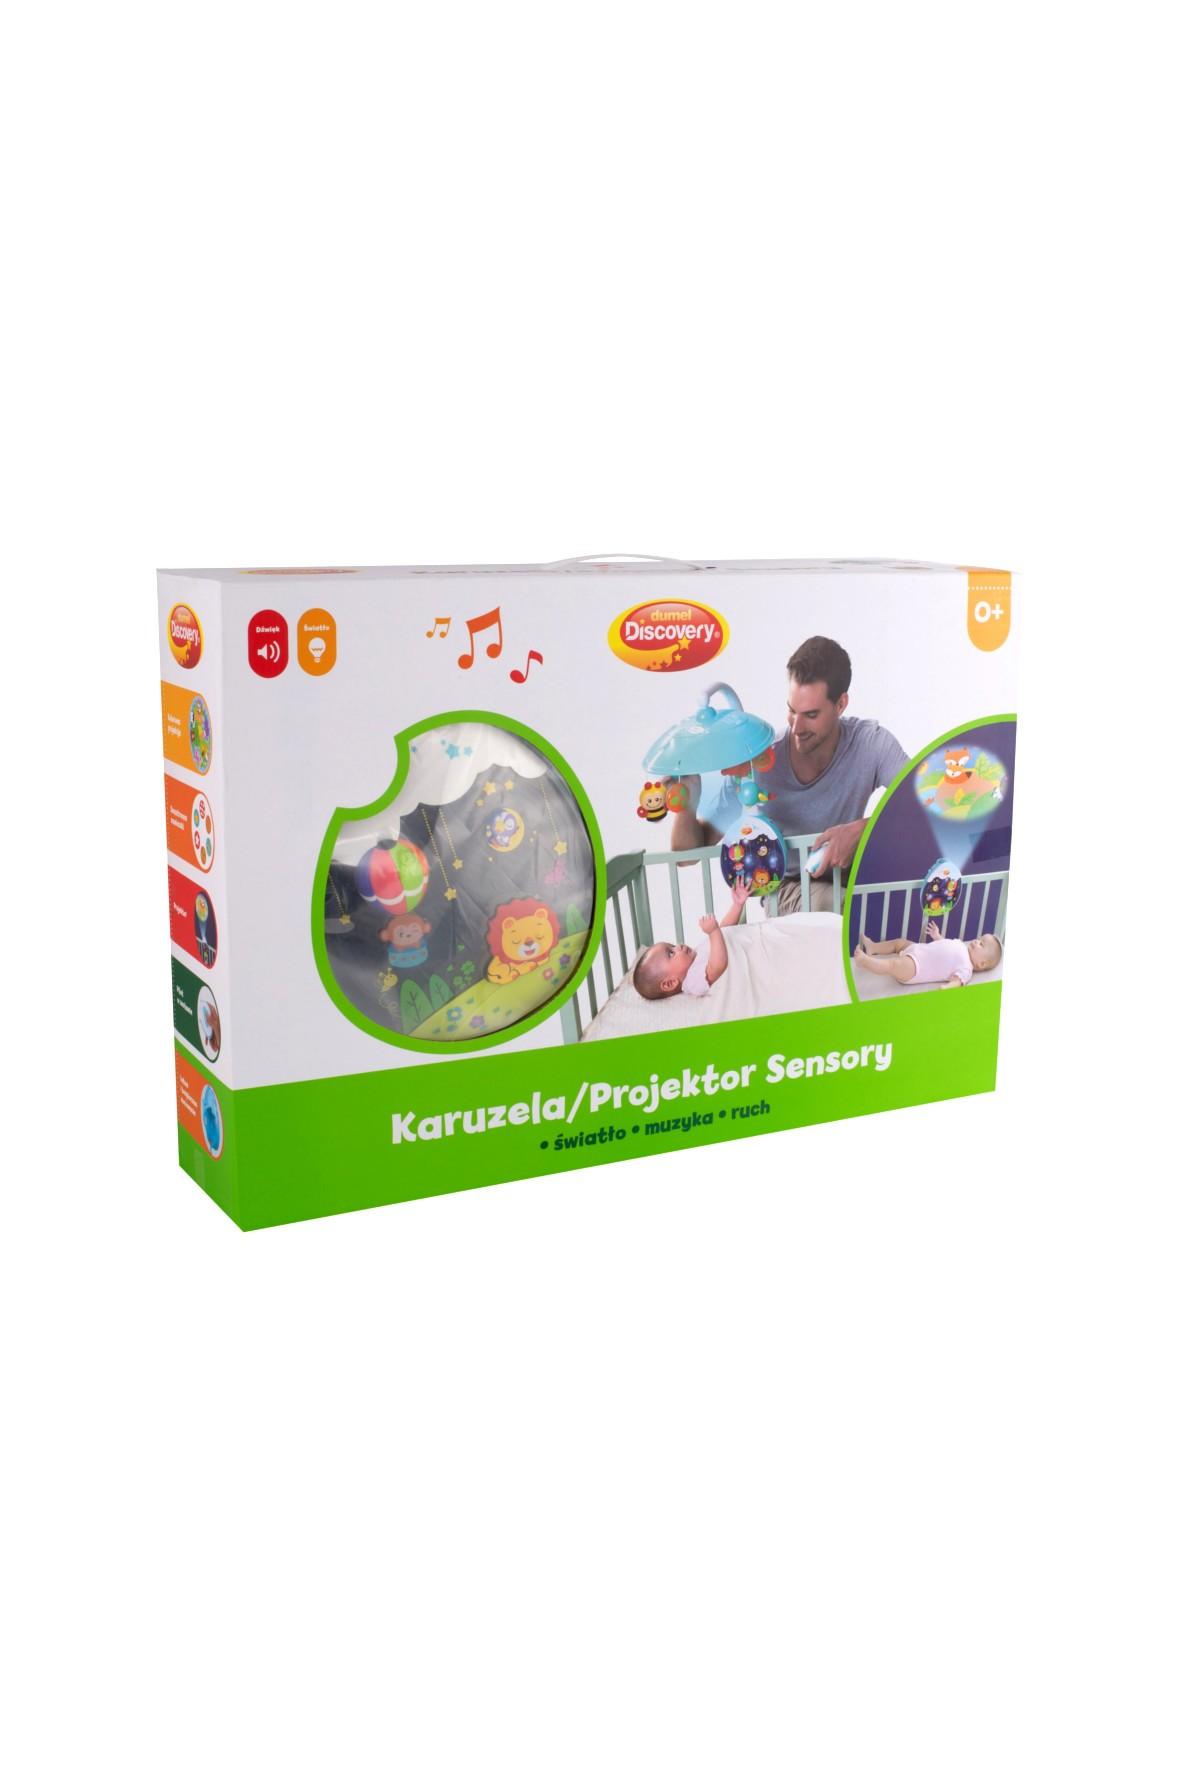 Karuzela-projektor sensory Dumel 0msc+